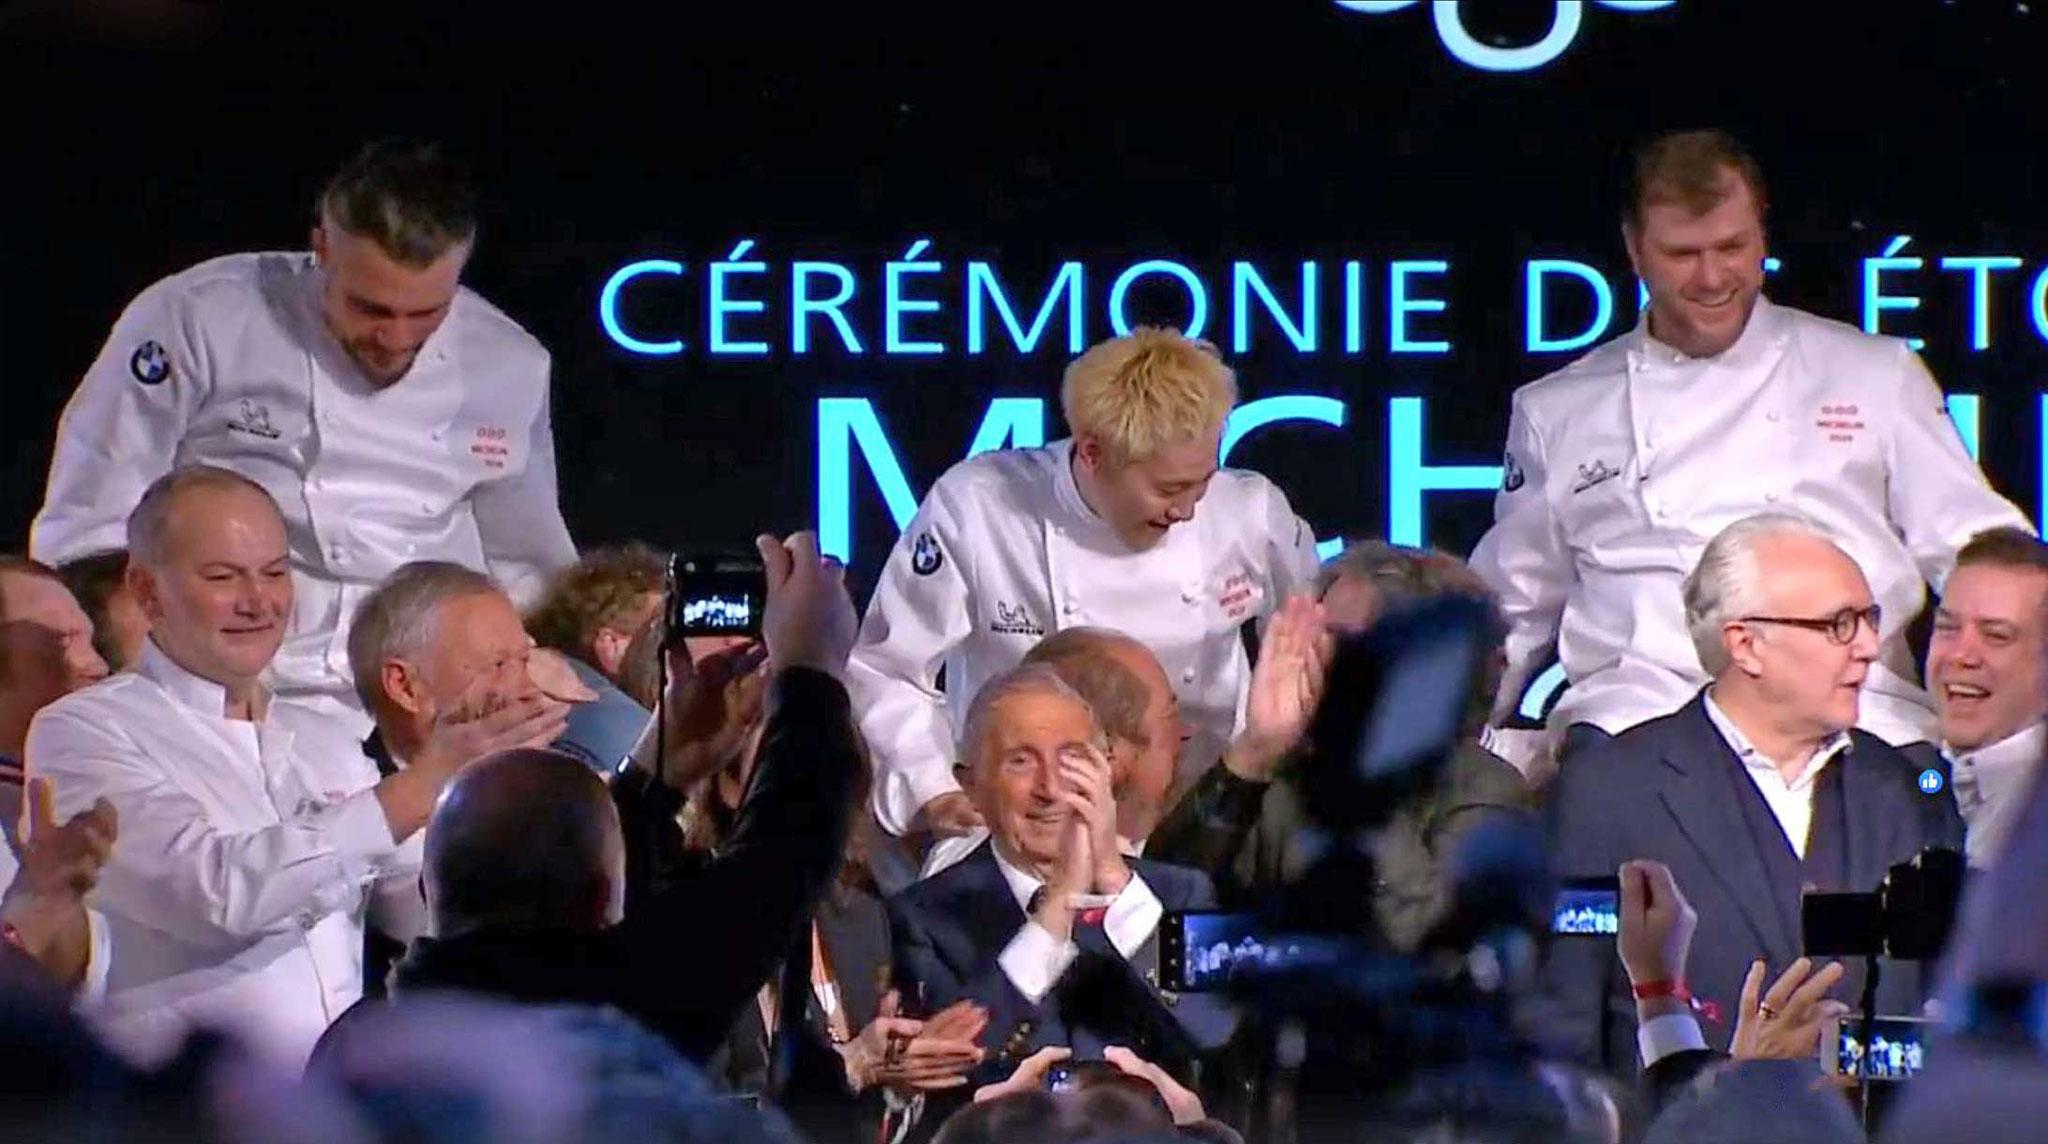 Rassemblements de tous les chefs 3 étoiles  (présents bien sûr !) avec notamment Christian Le Squer, Georges Blanc, Michel Guérard, Alain Ducasse et Arnaud Lallement